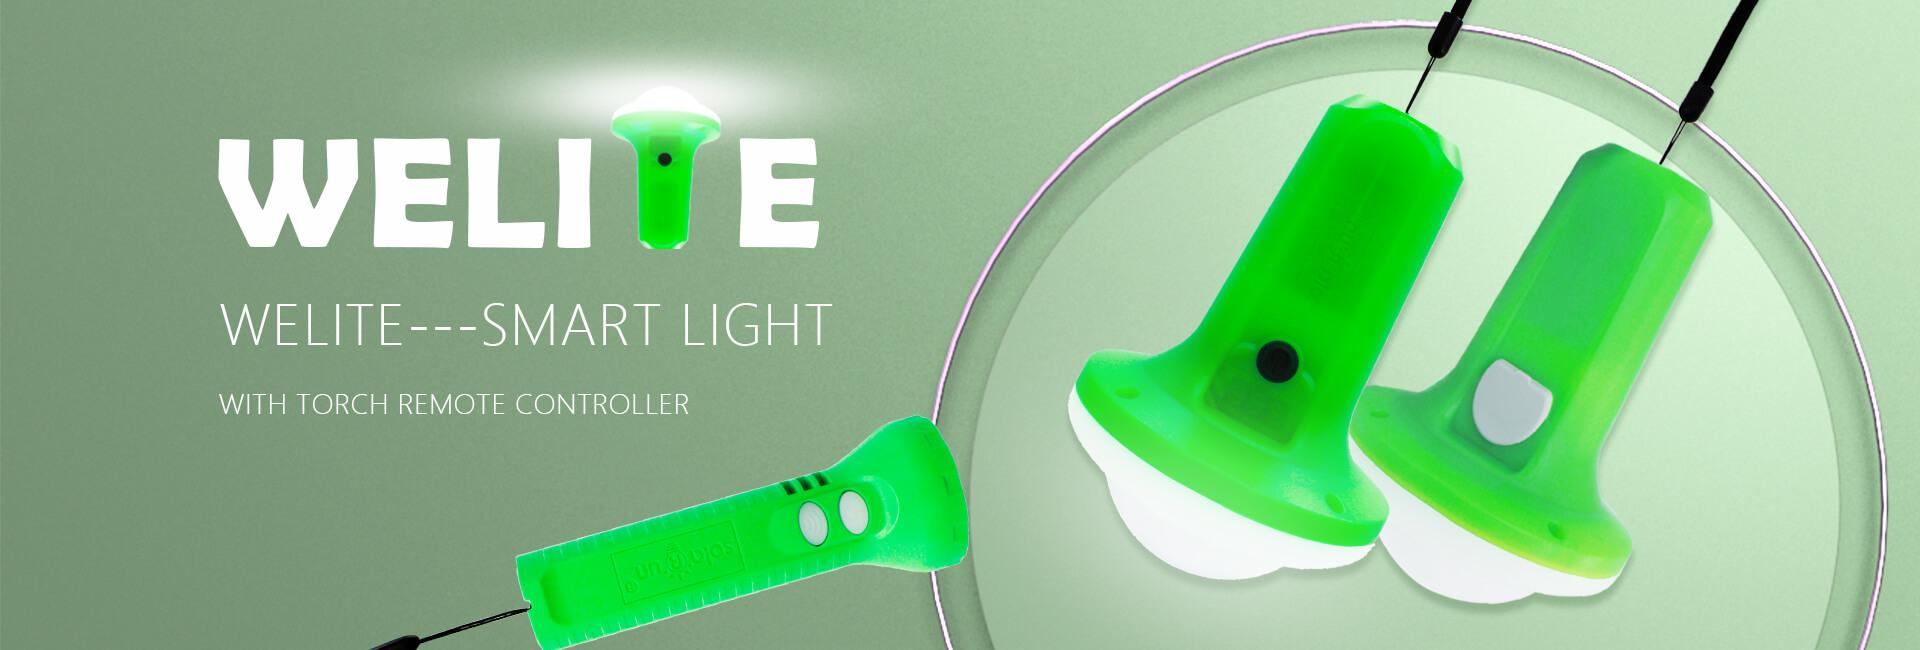 Welite Solar Light